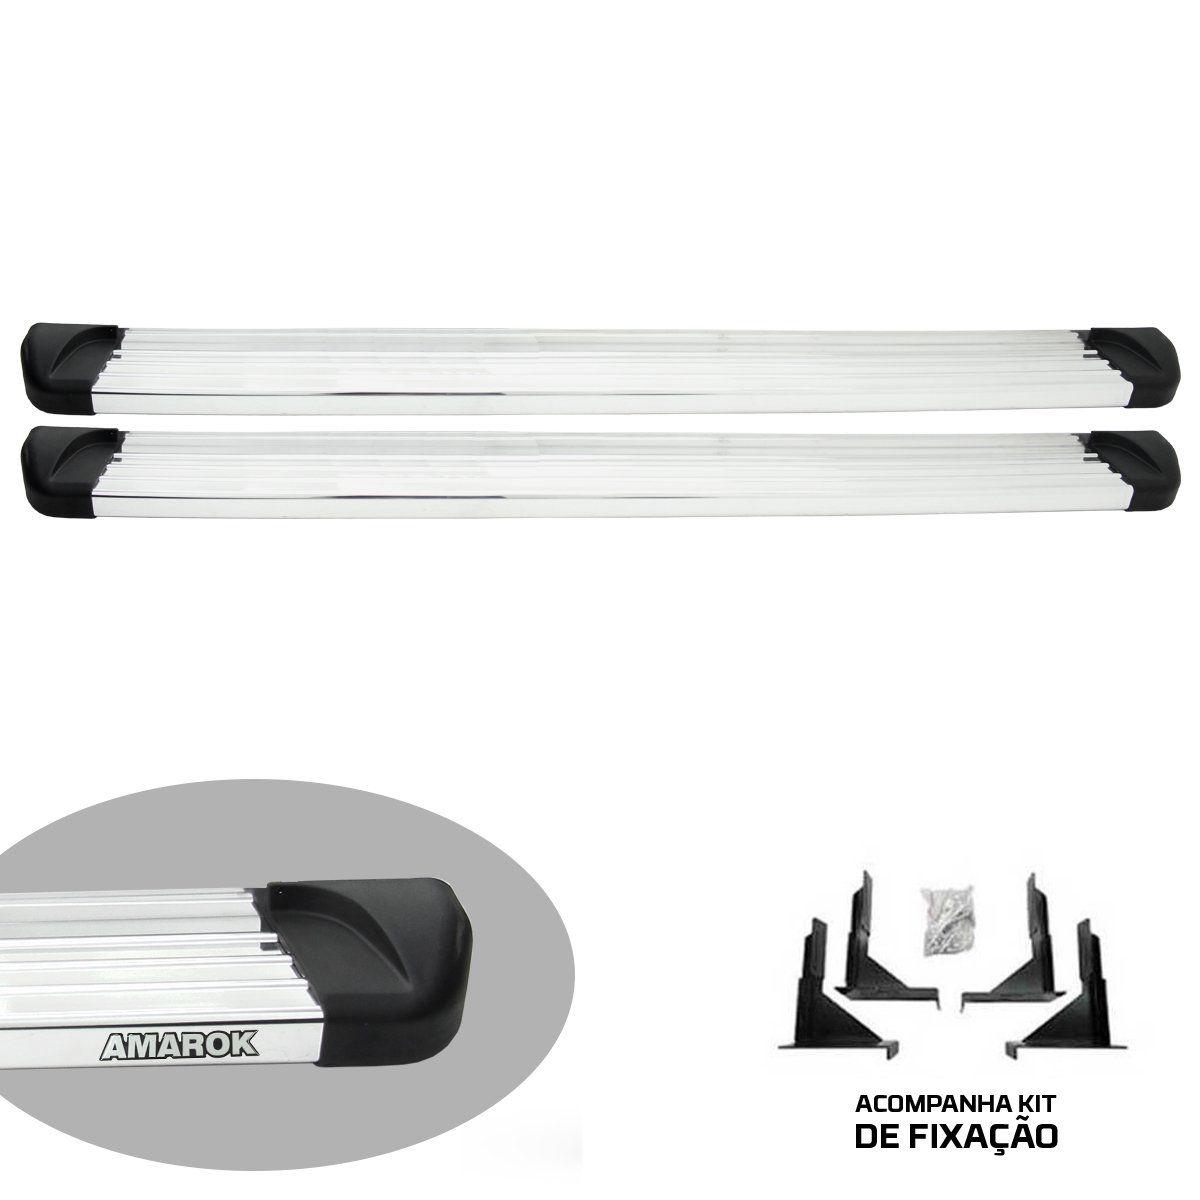 Estribo plataforma alumínio Amarok cabine dupla 2011 a 2019